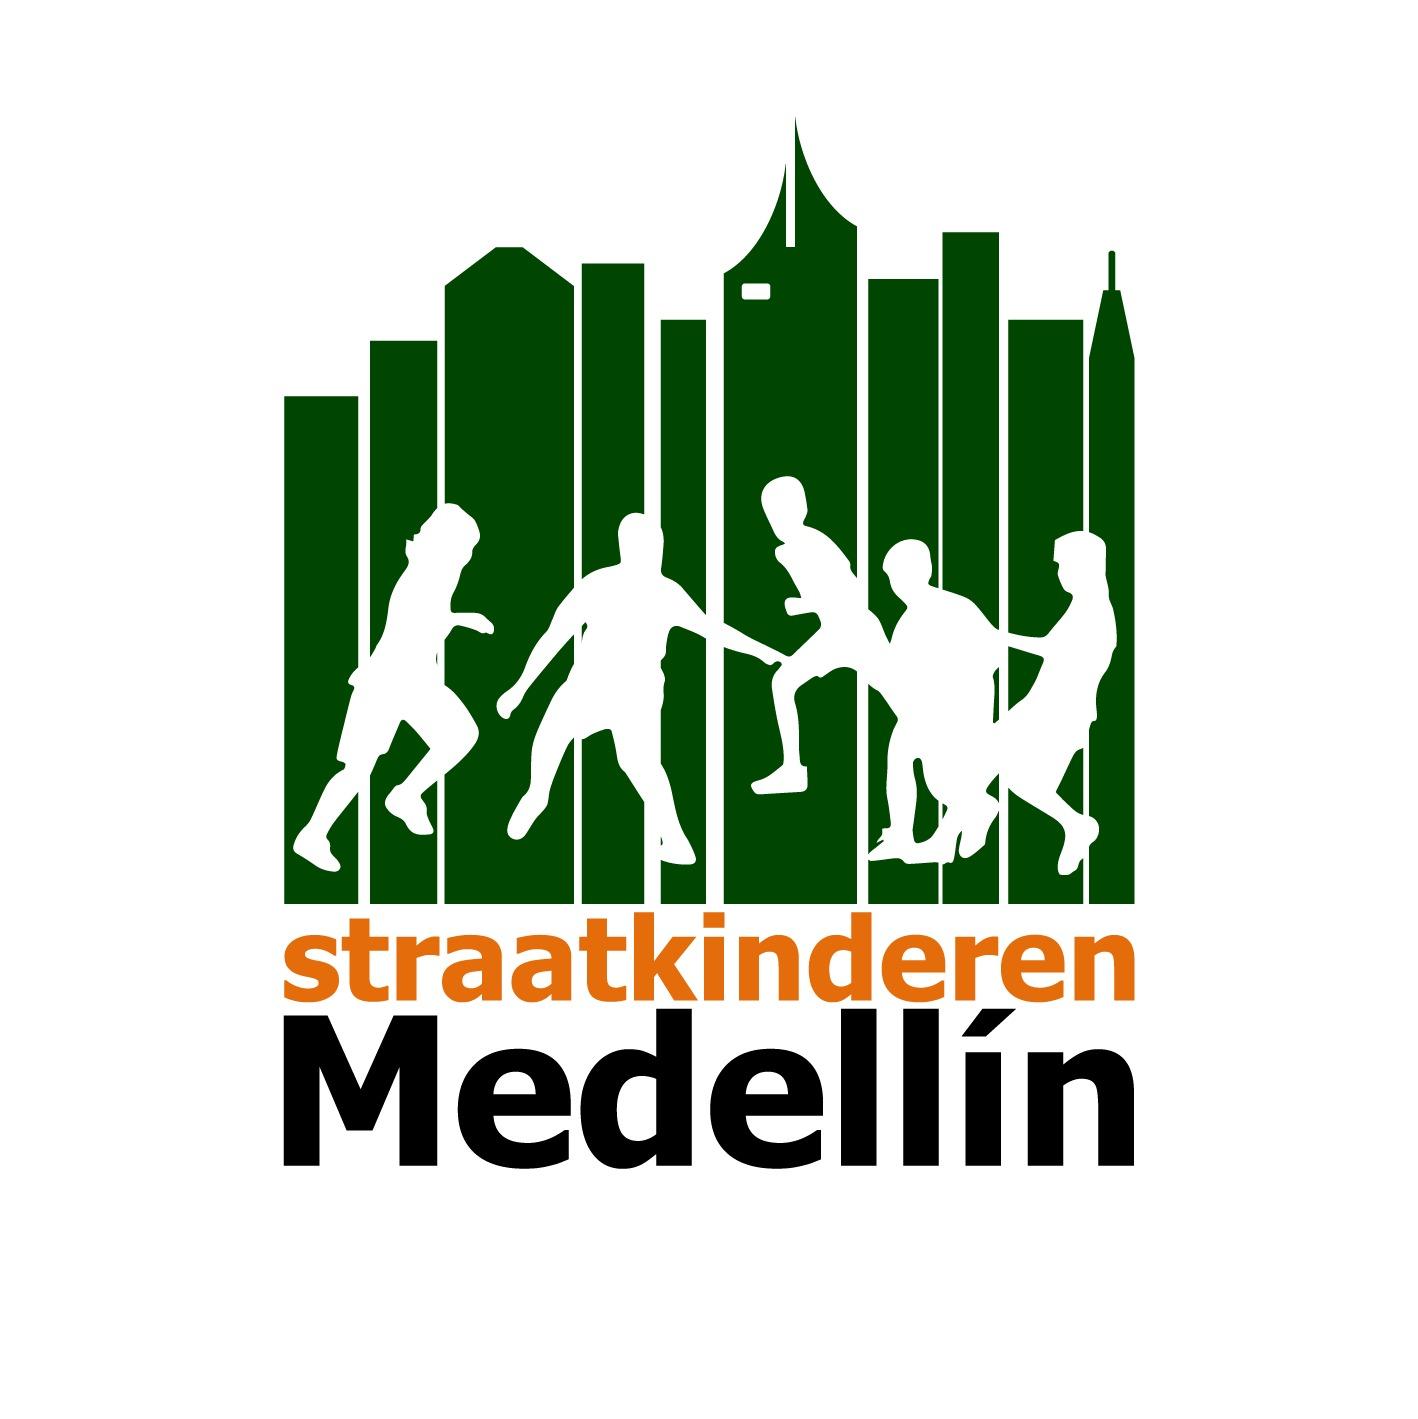 Straatkinderen Medellín